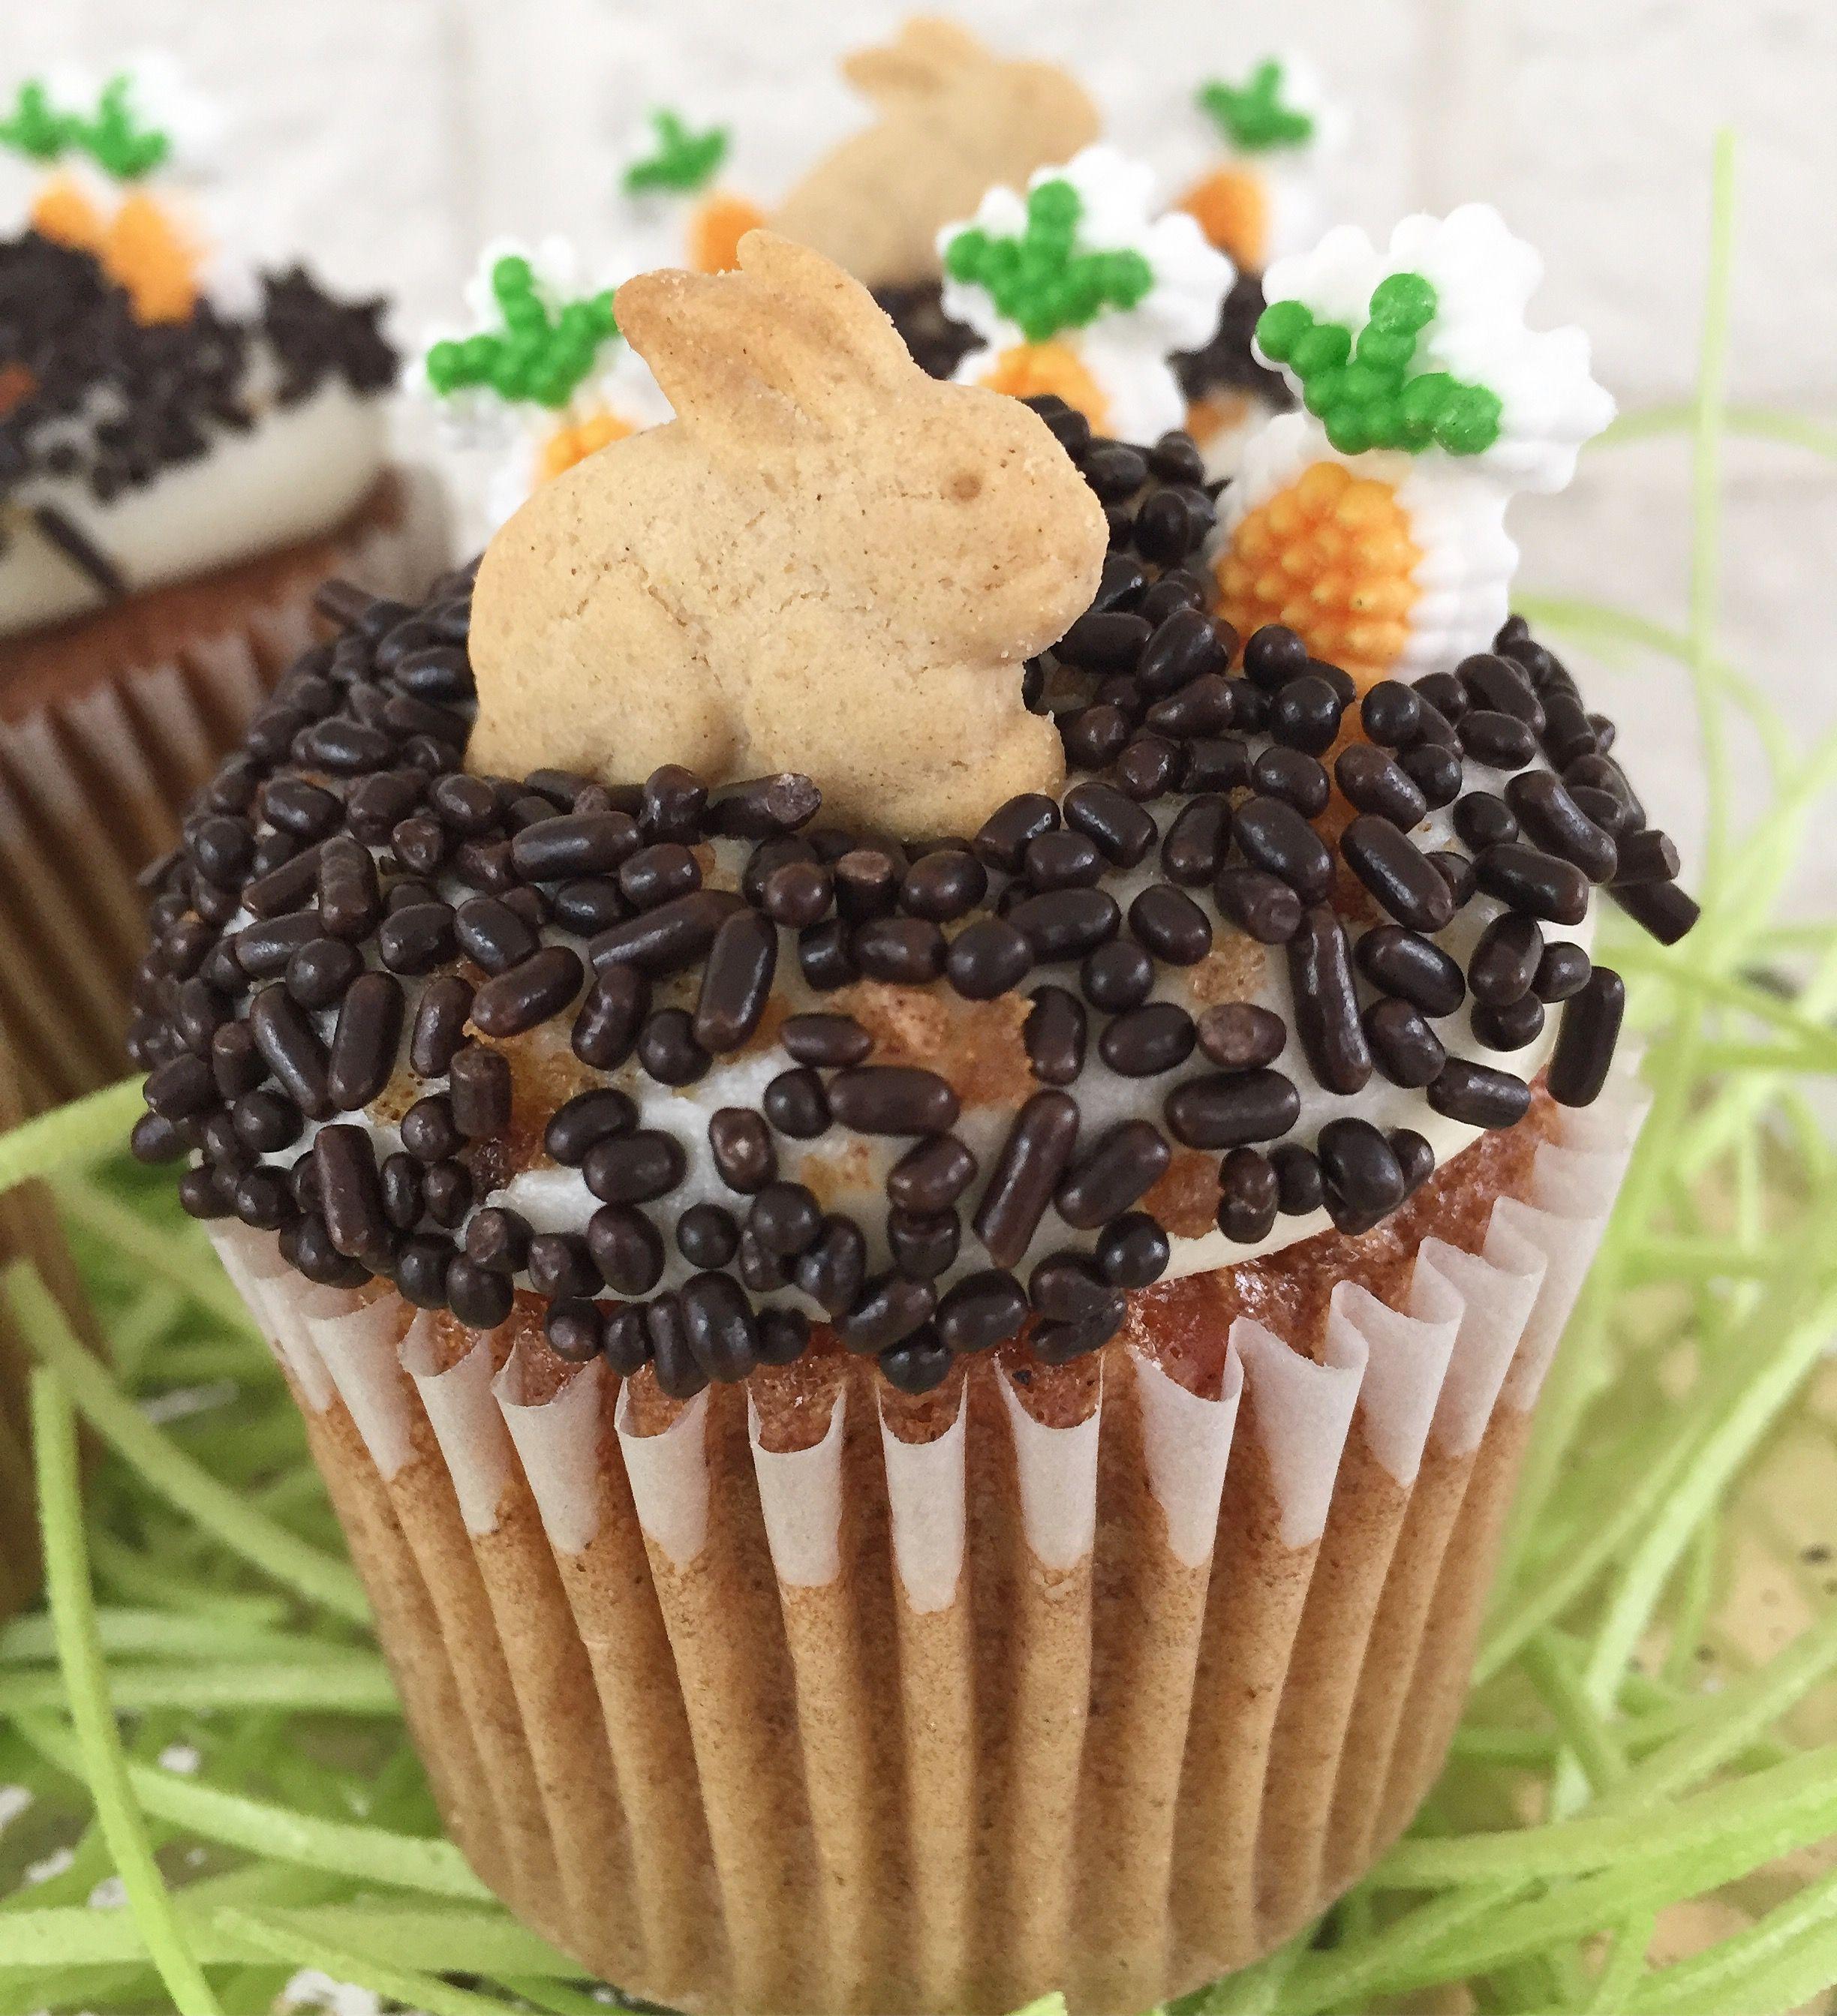 semi homemade carrot cake cupcakes